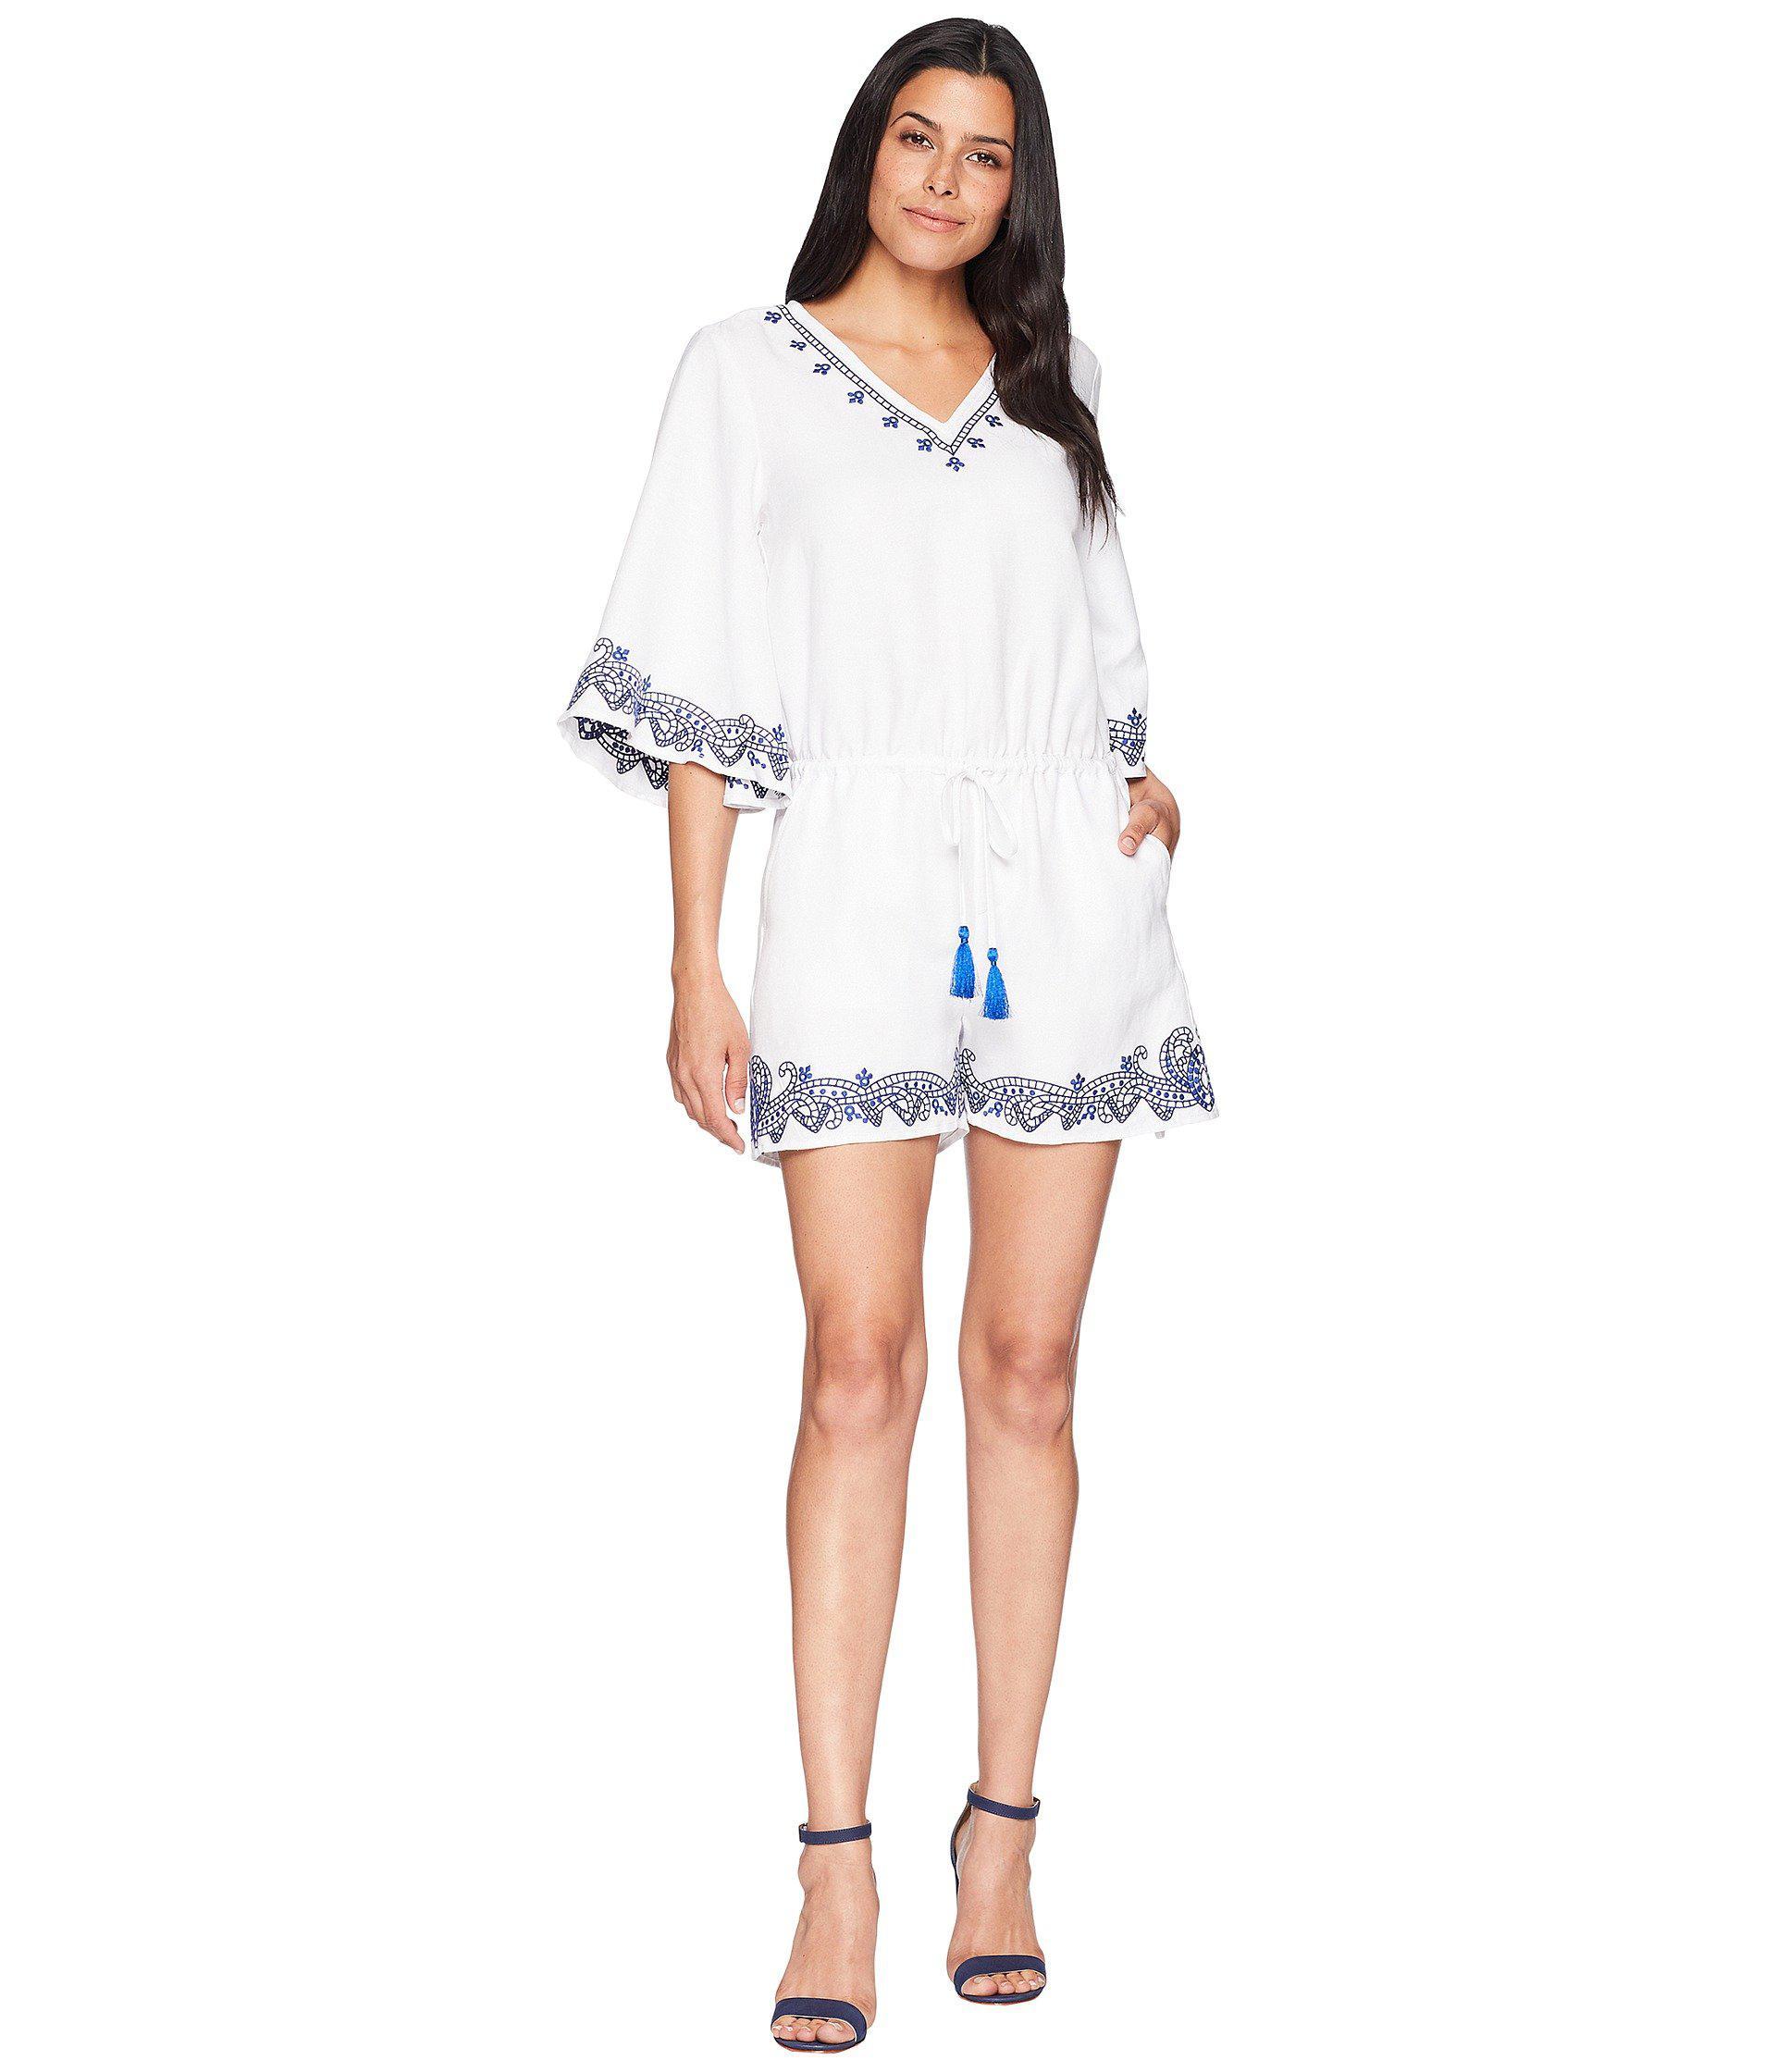 be5418d6df3d Lyst - Lauren by Ralph Lauren Embroidered Linen Romper in White ...